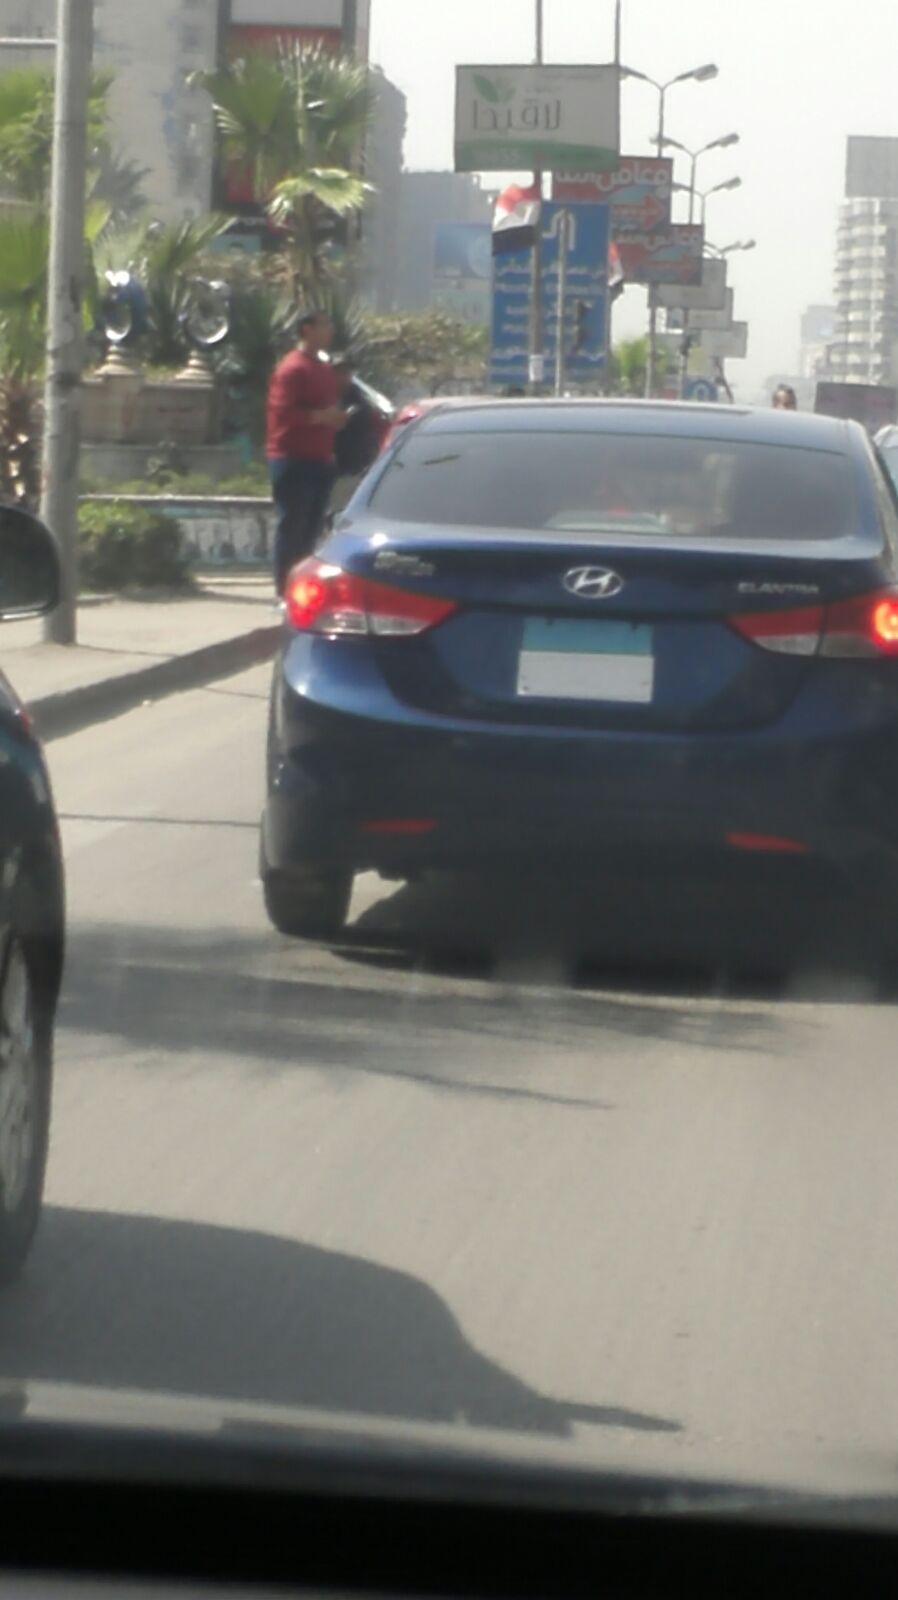 سيارة مطموسة أرقامها عَ الأوتوستراد اليوم.. ومواطن: مرت بالأمن دون توقيفها